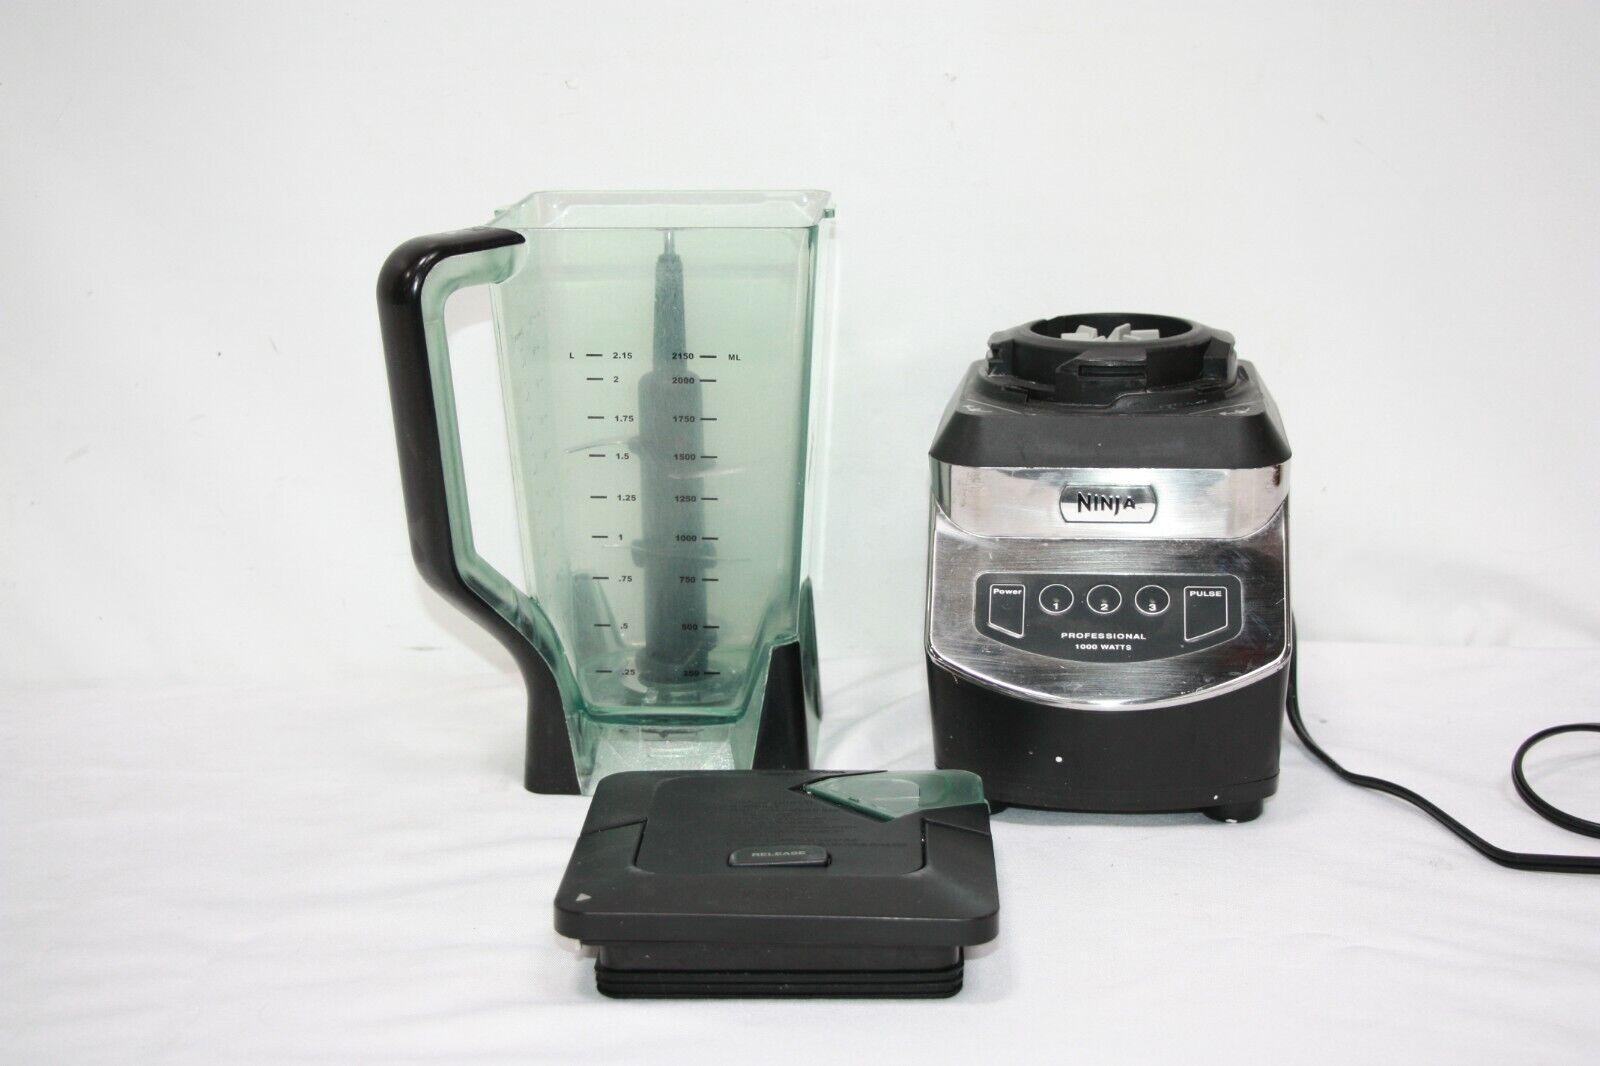 Ninja Best Blender Professional 6 blades 1000 Watts NJ600 Series